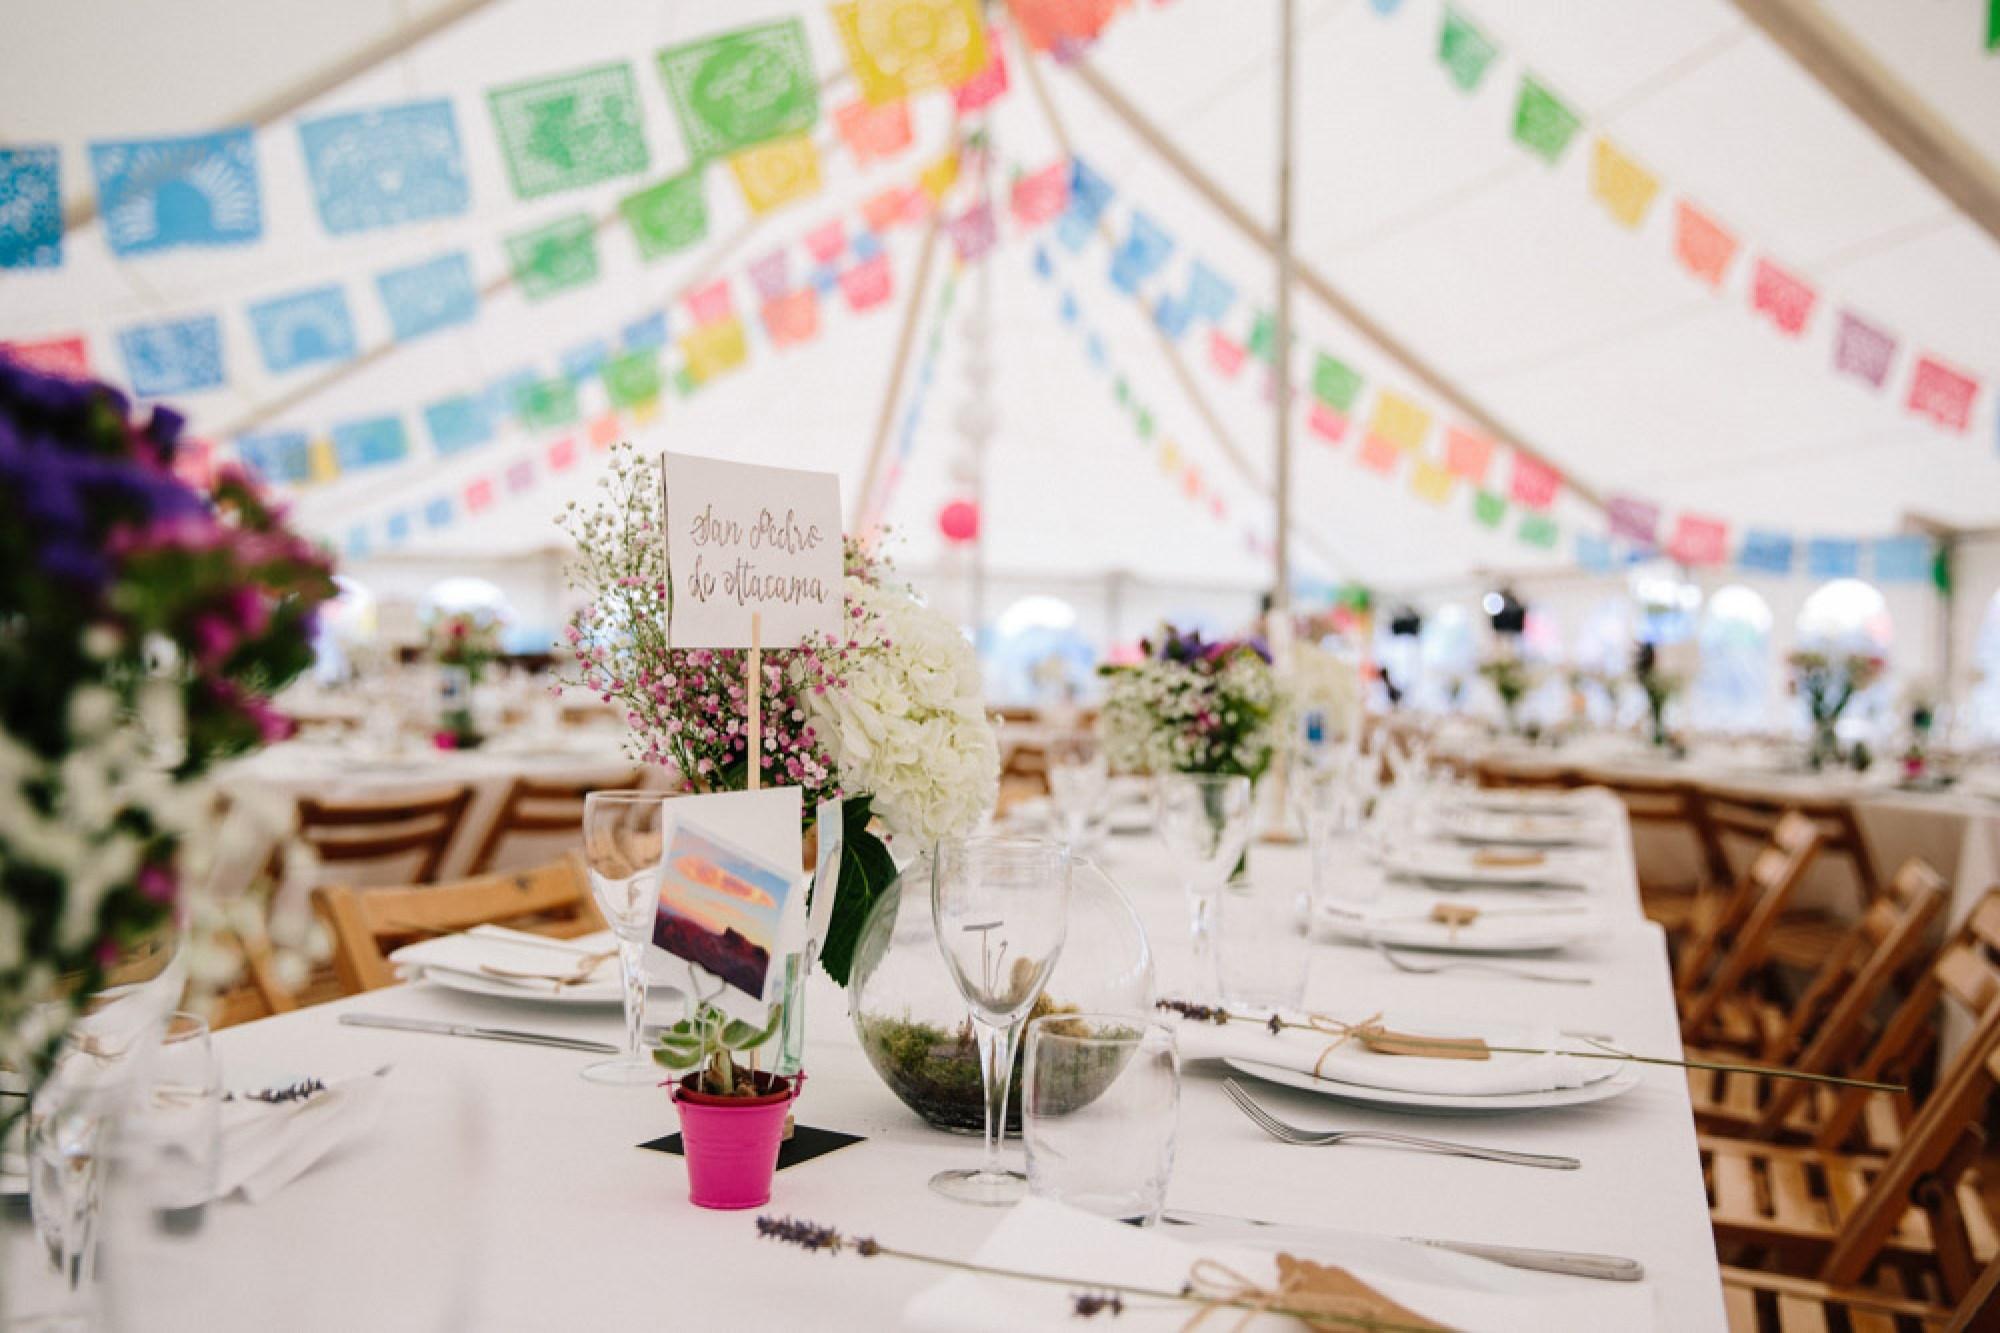 Papel picado wedding decorations